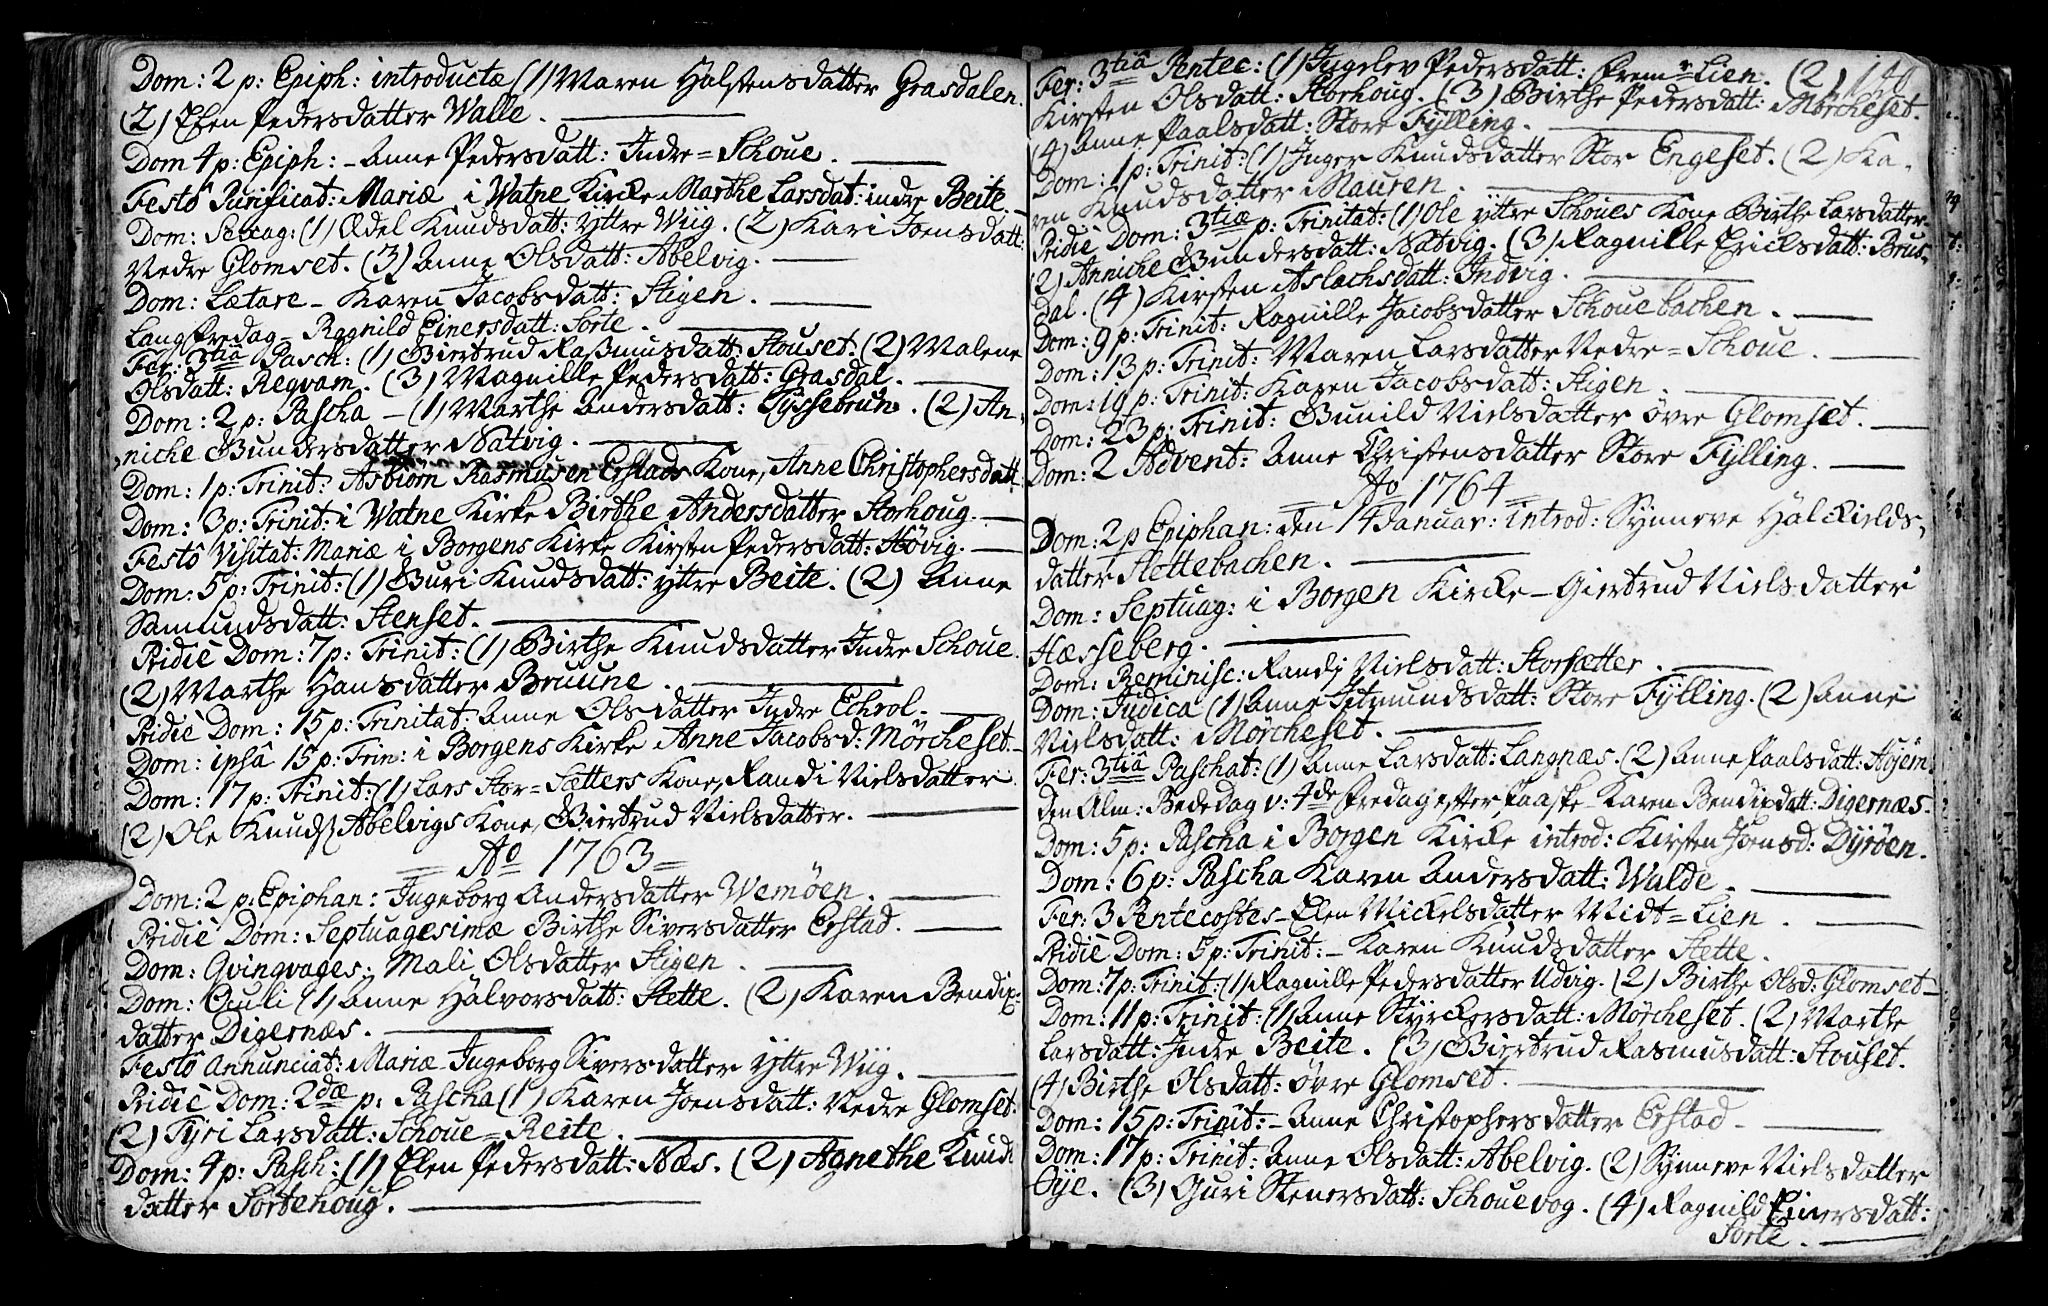 SAT, Ministerialprotokoller, klokkerbøker og fødselsregistre - Møre og Romsdal, 524/L0349: Ministerialbok nr. 524A01, 1698-1779, s. 140